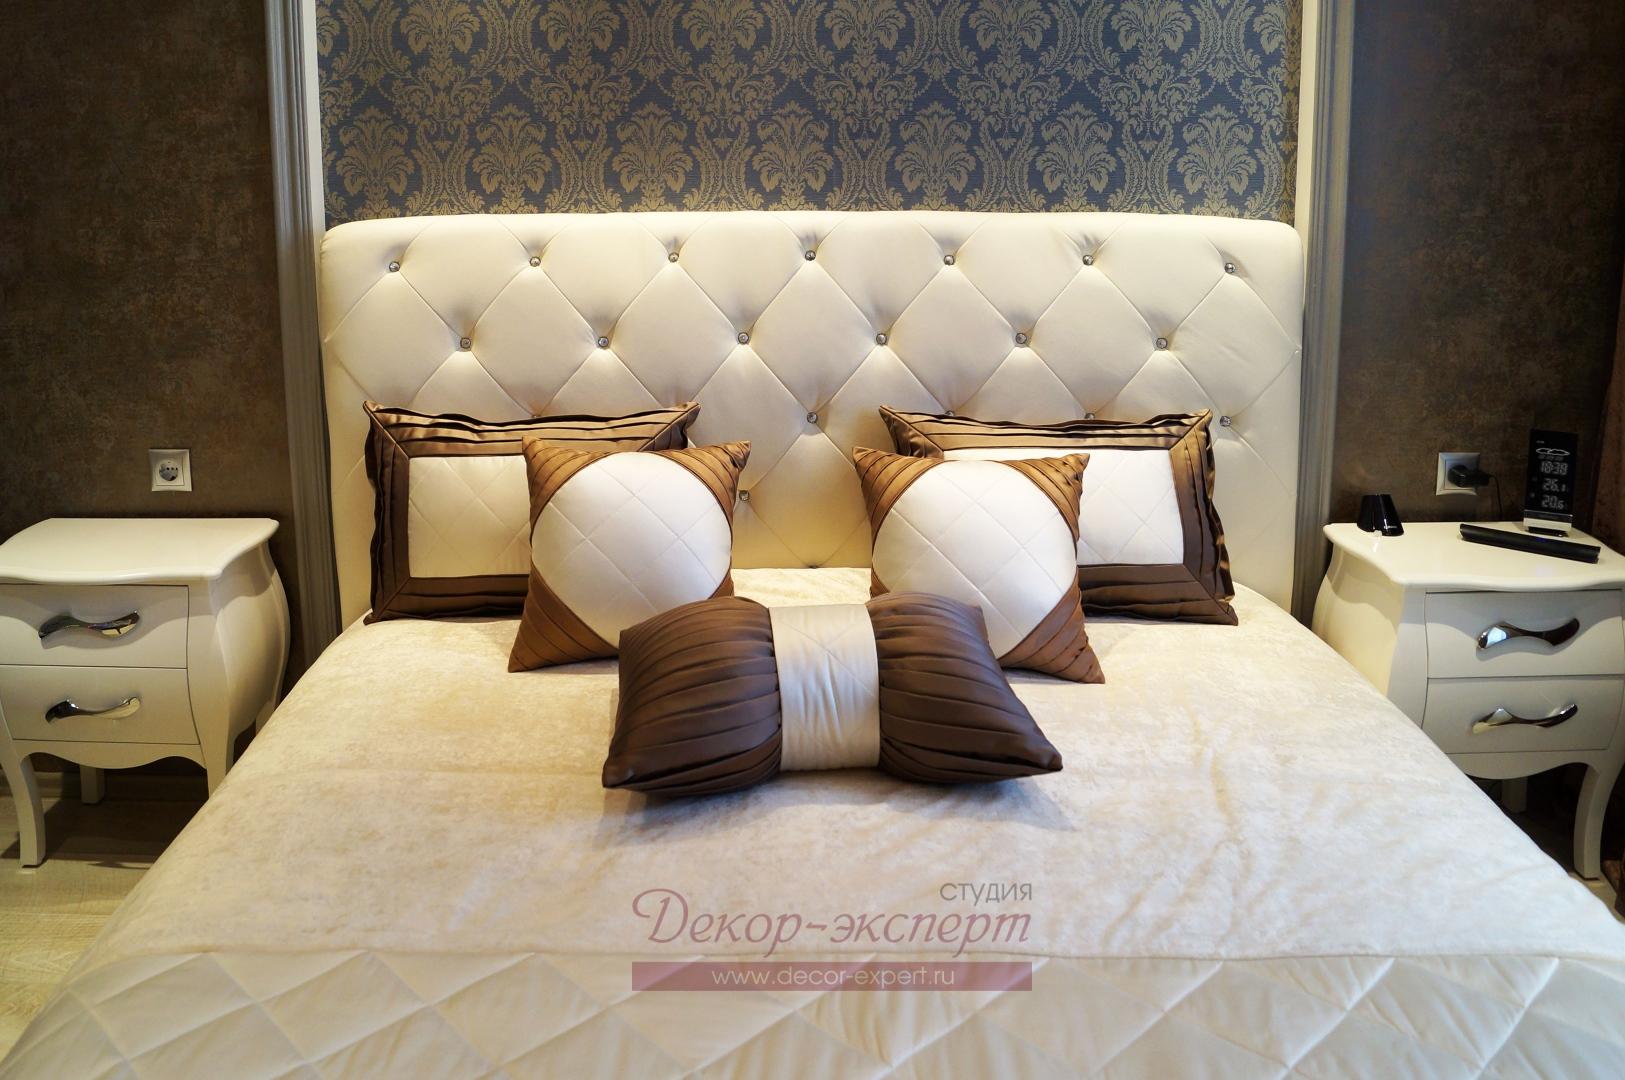 Текстильный декор для спальни в Сызрани.